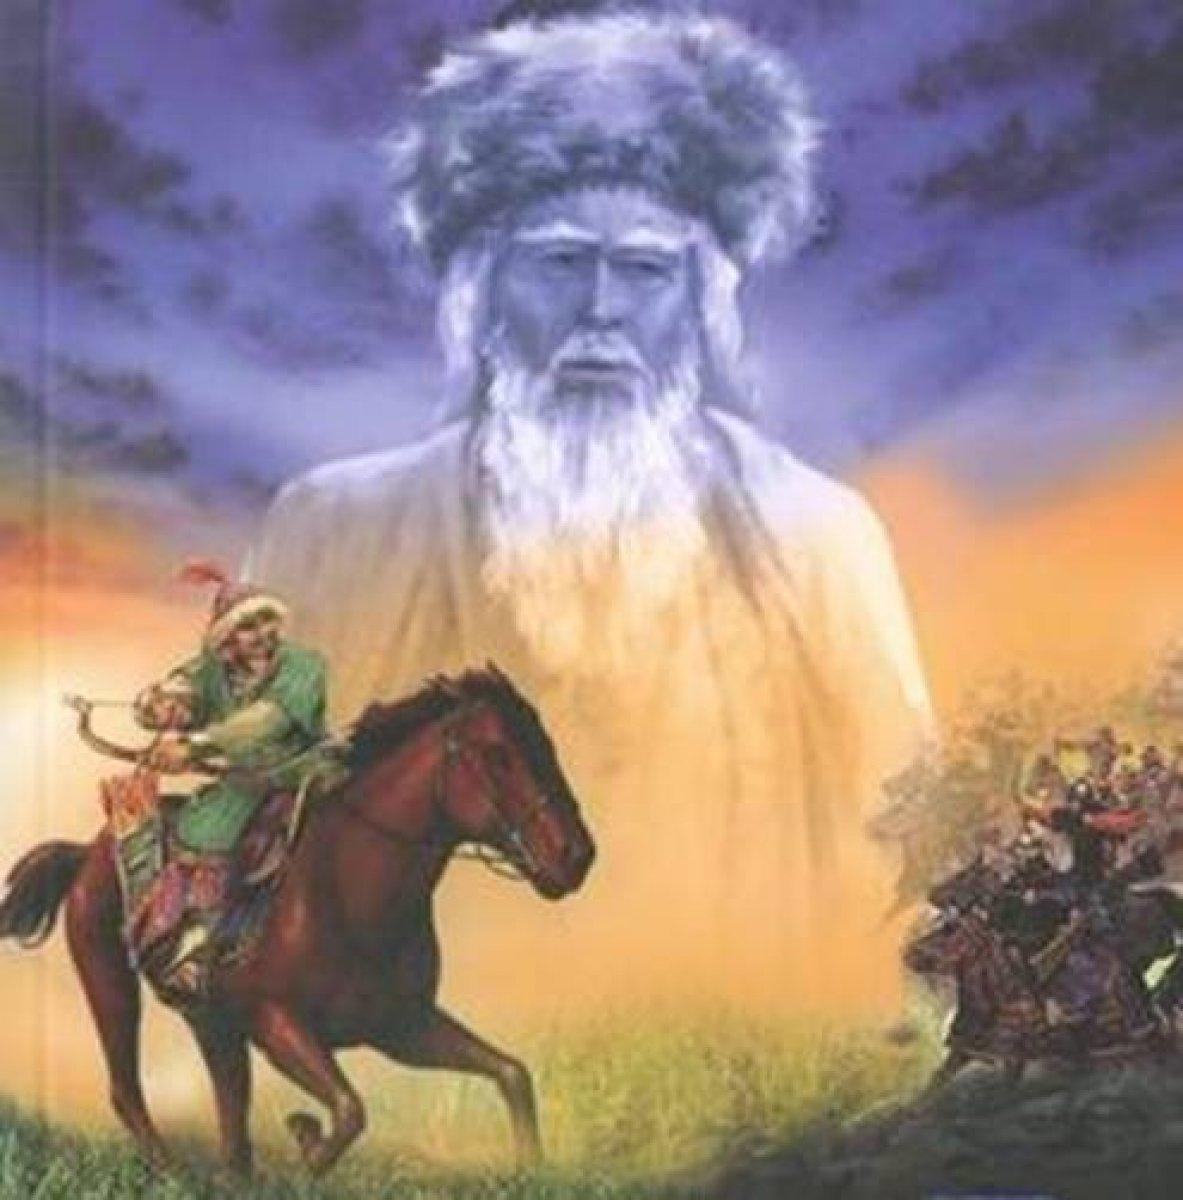 Orta Asya da yaşayan Türklerin kullandığı eski atasözleri #1